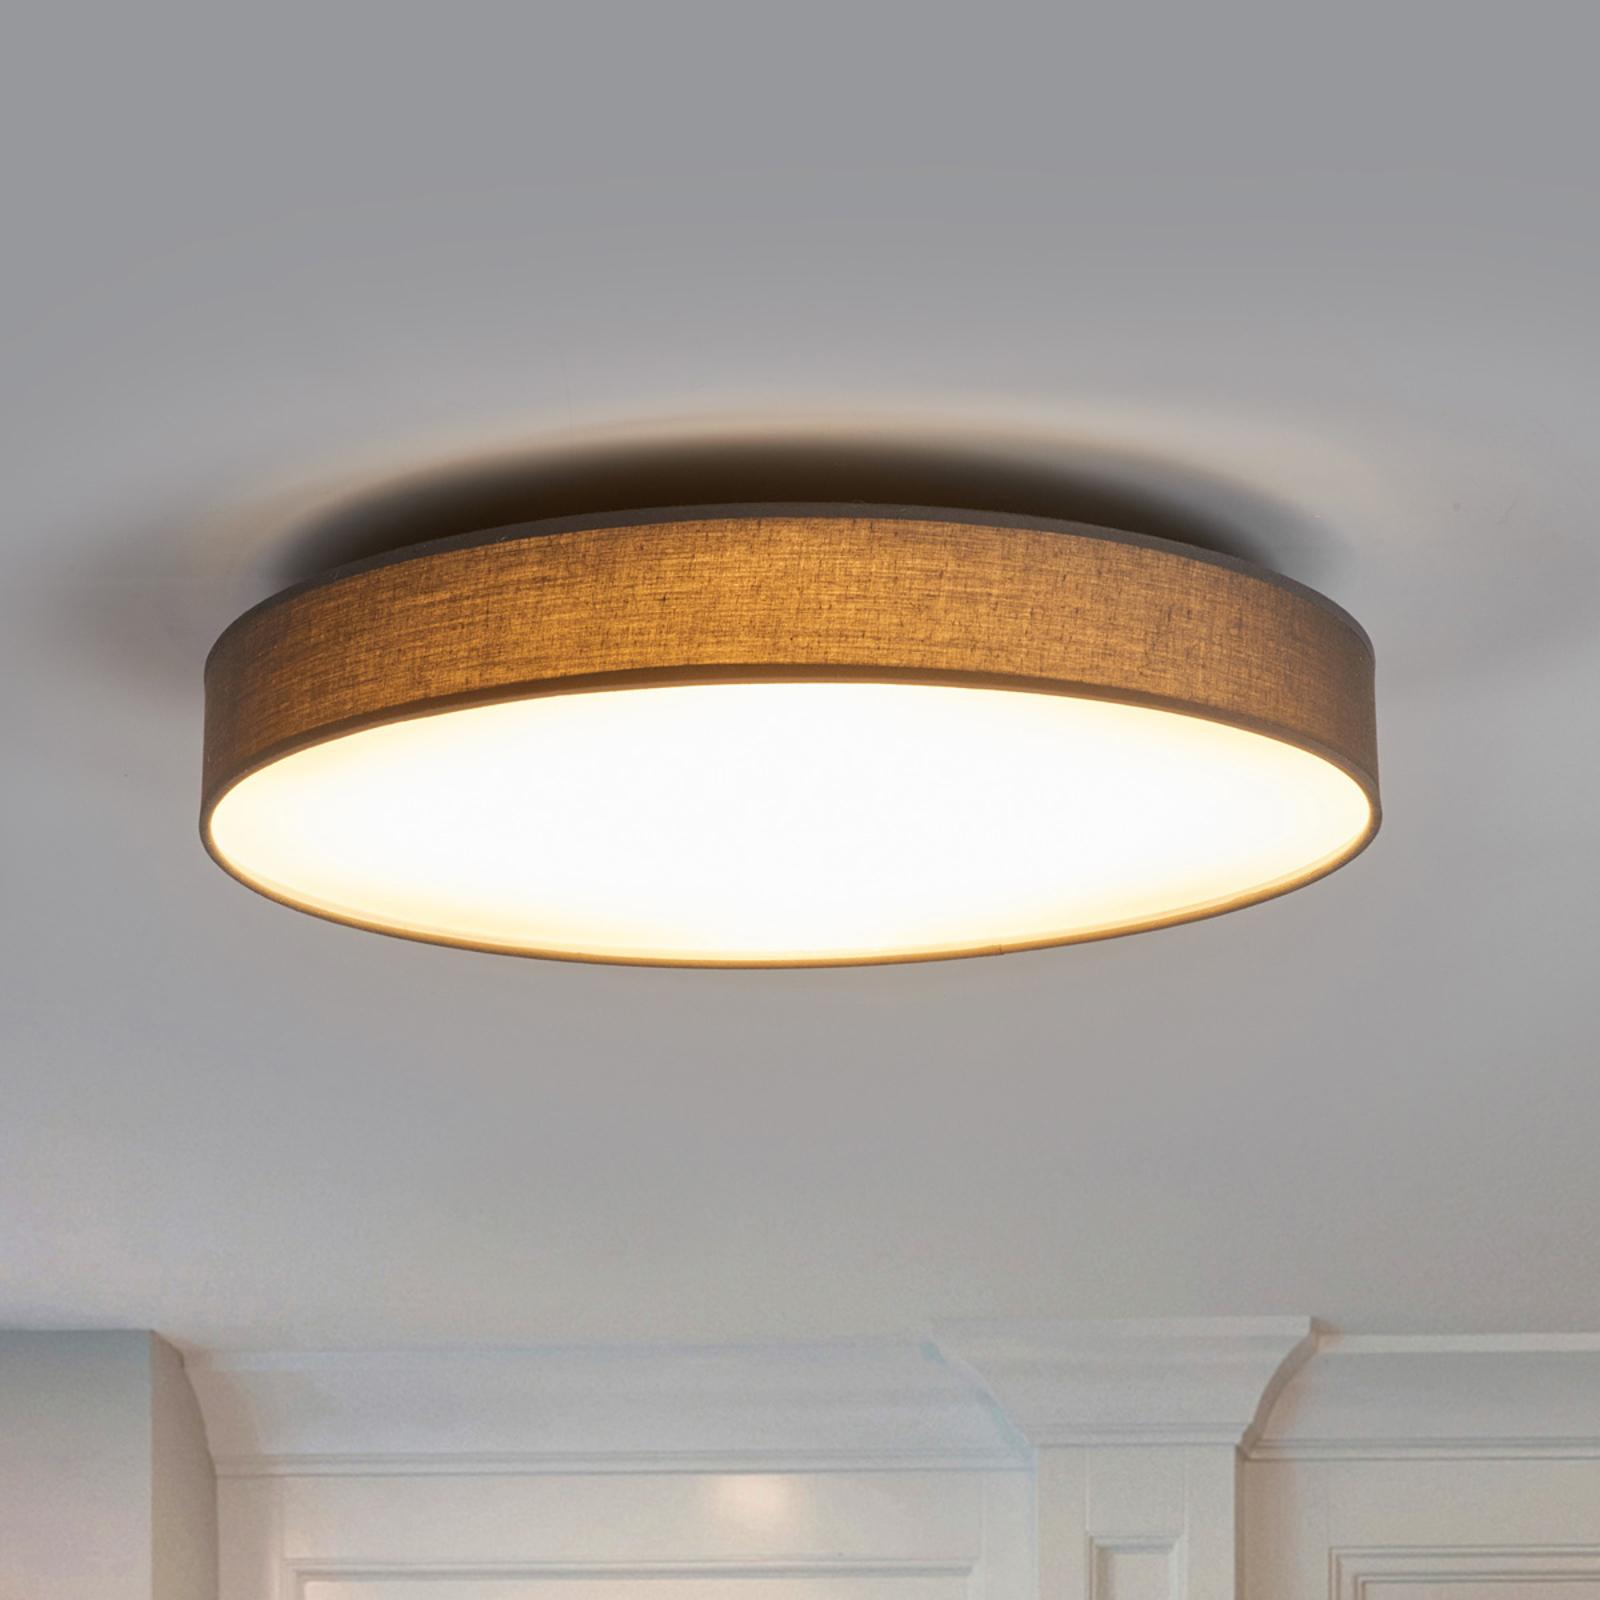 LED-stoff-taklampe Saira, 50 cm, grå